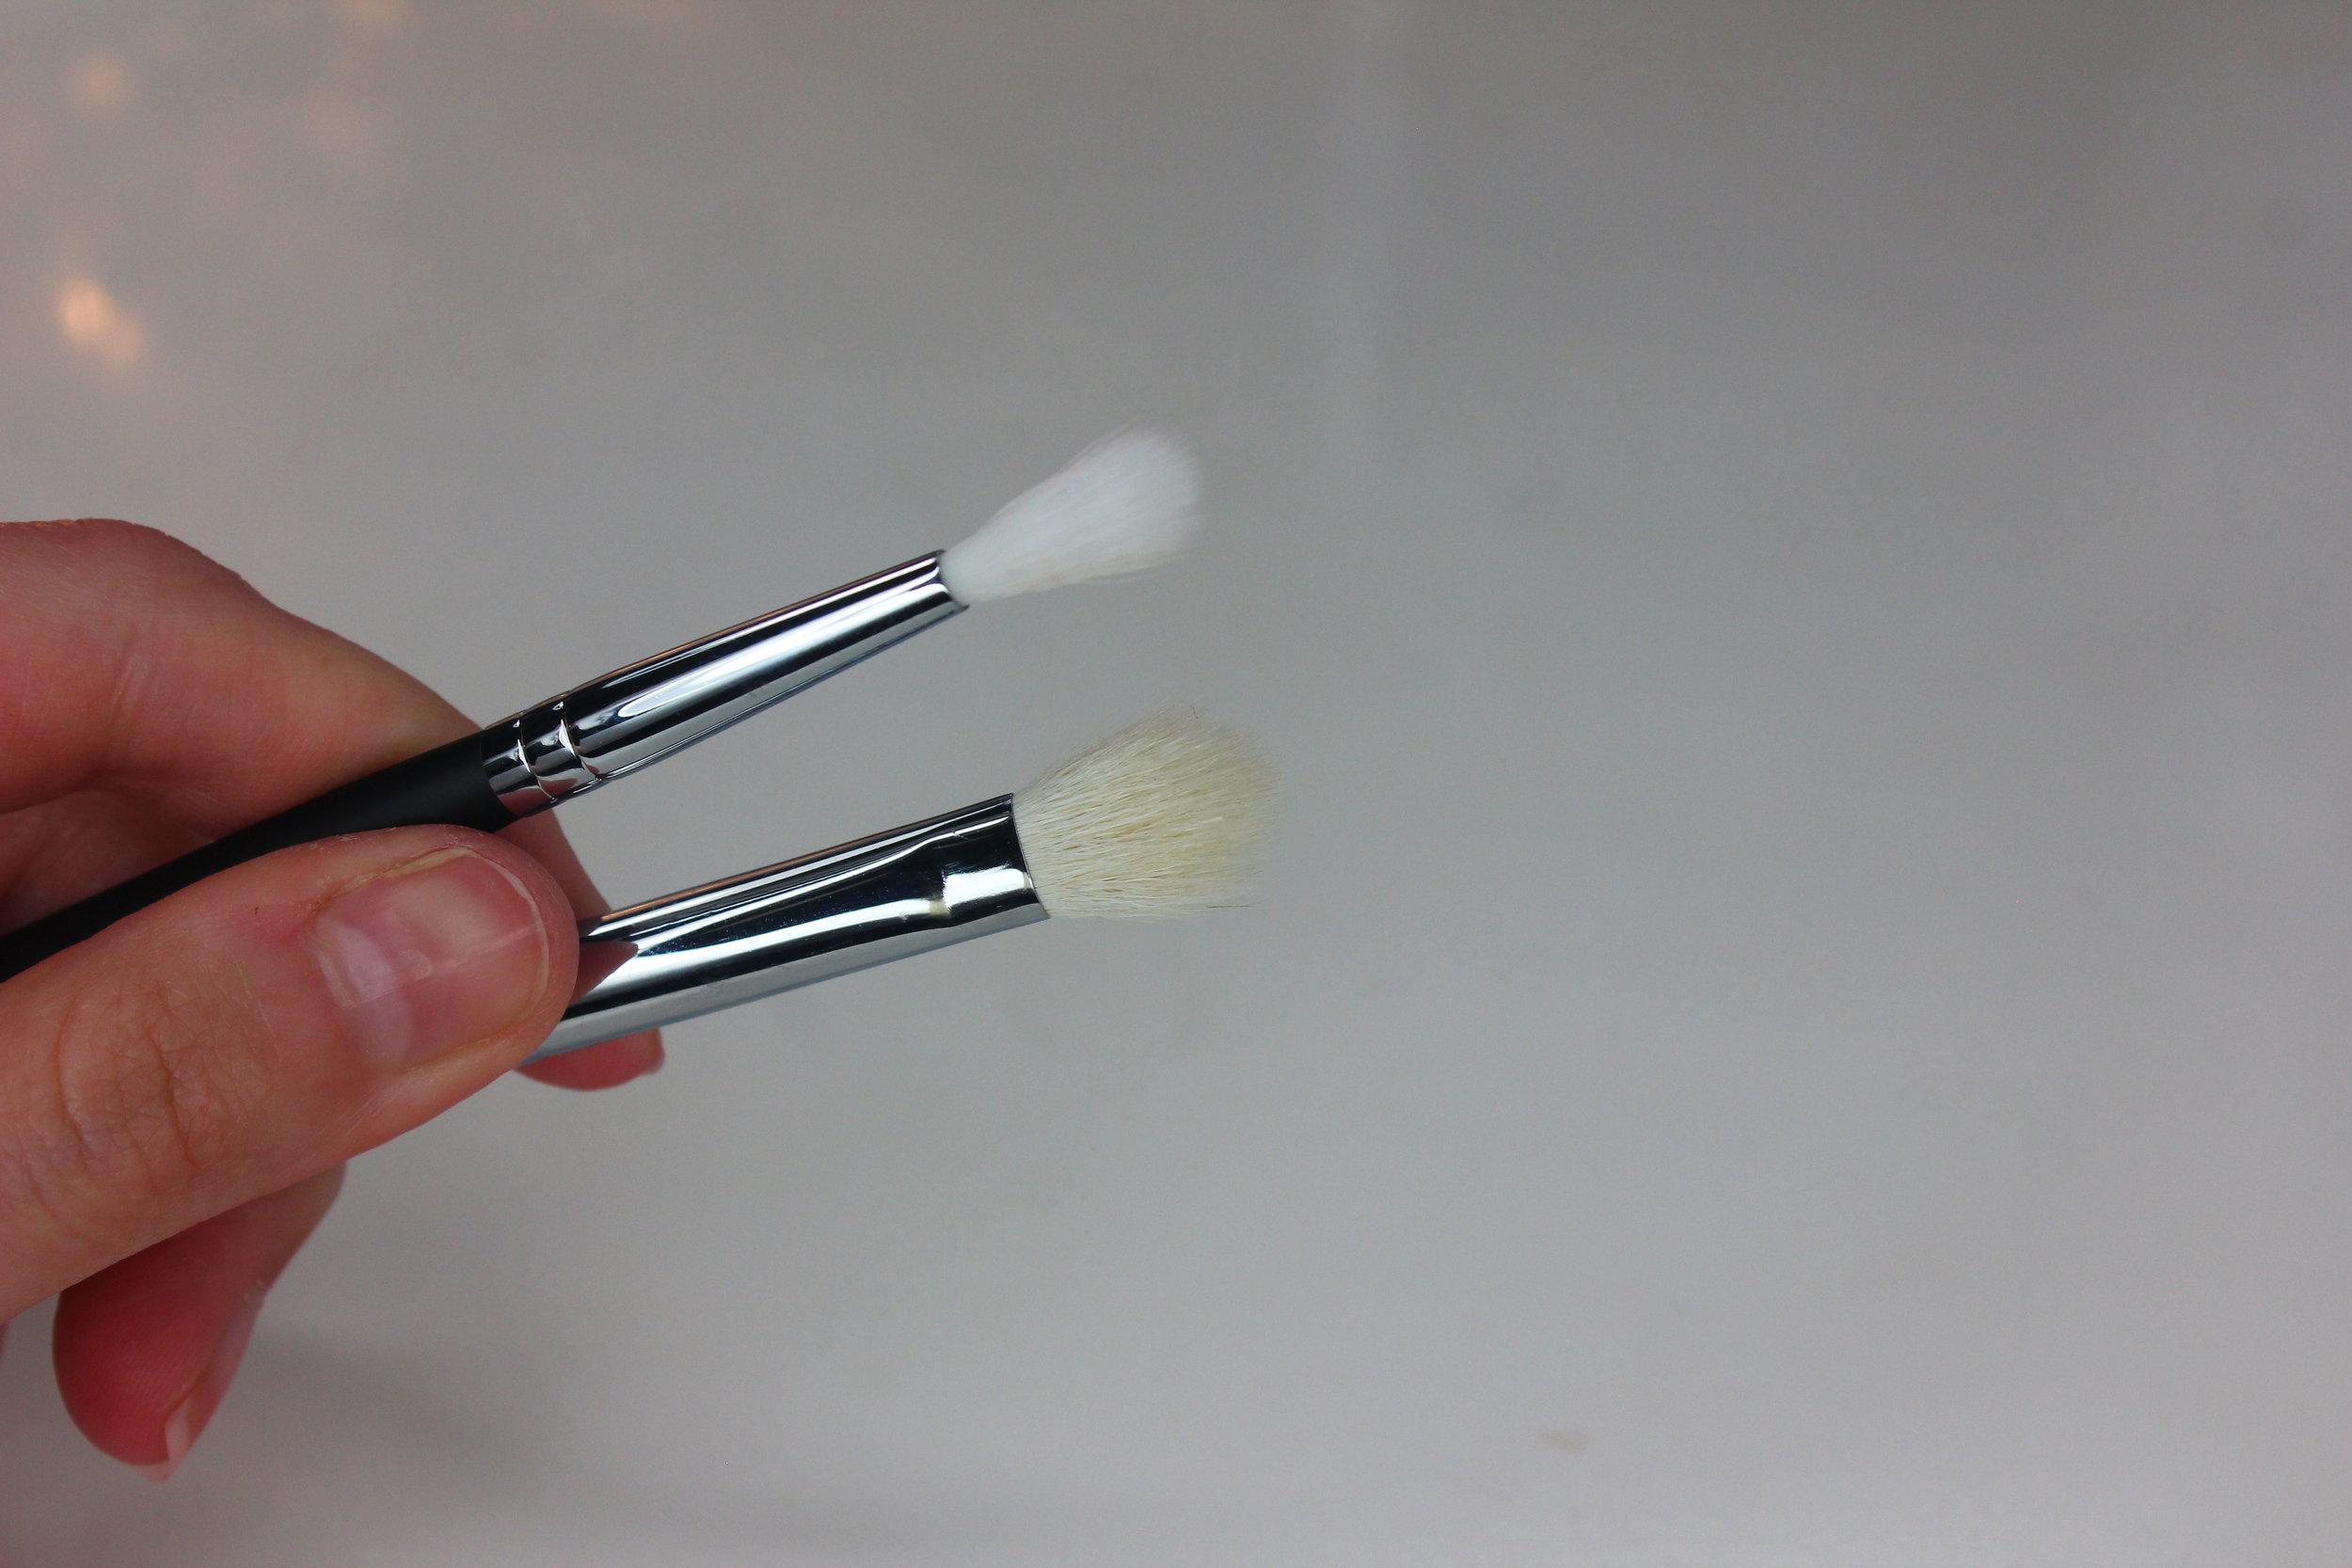 Morphe Brushes 3 - M562 Tiny Crease Blender